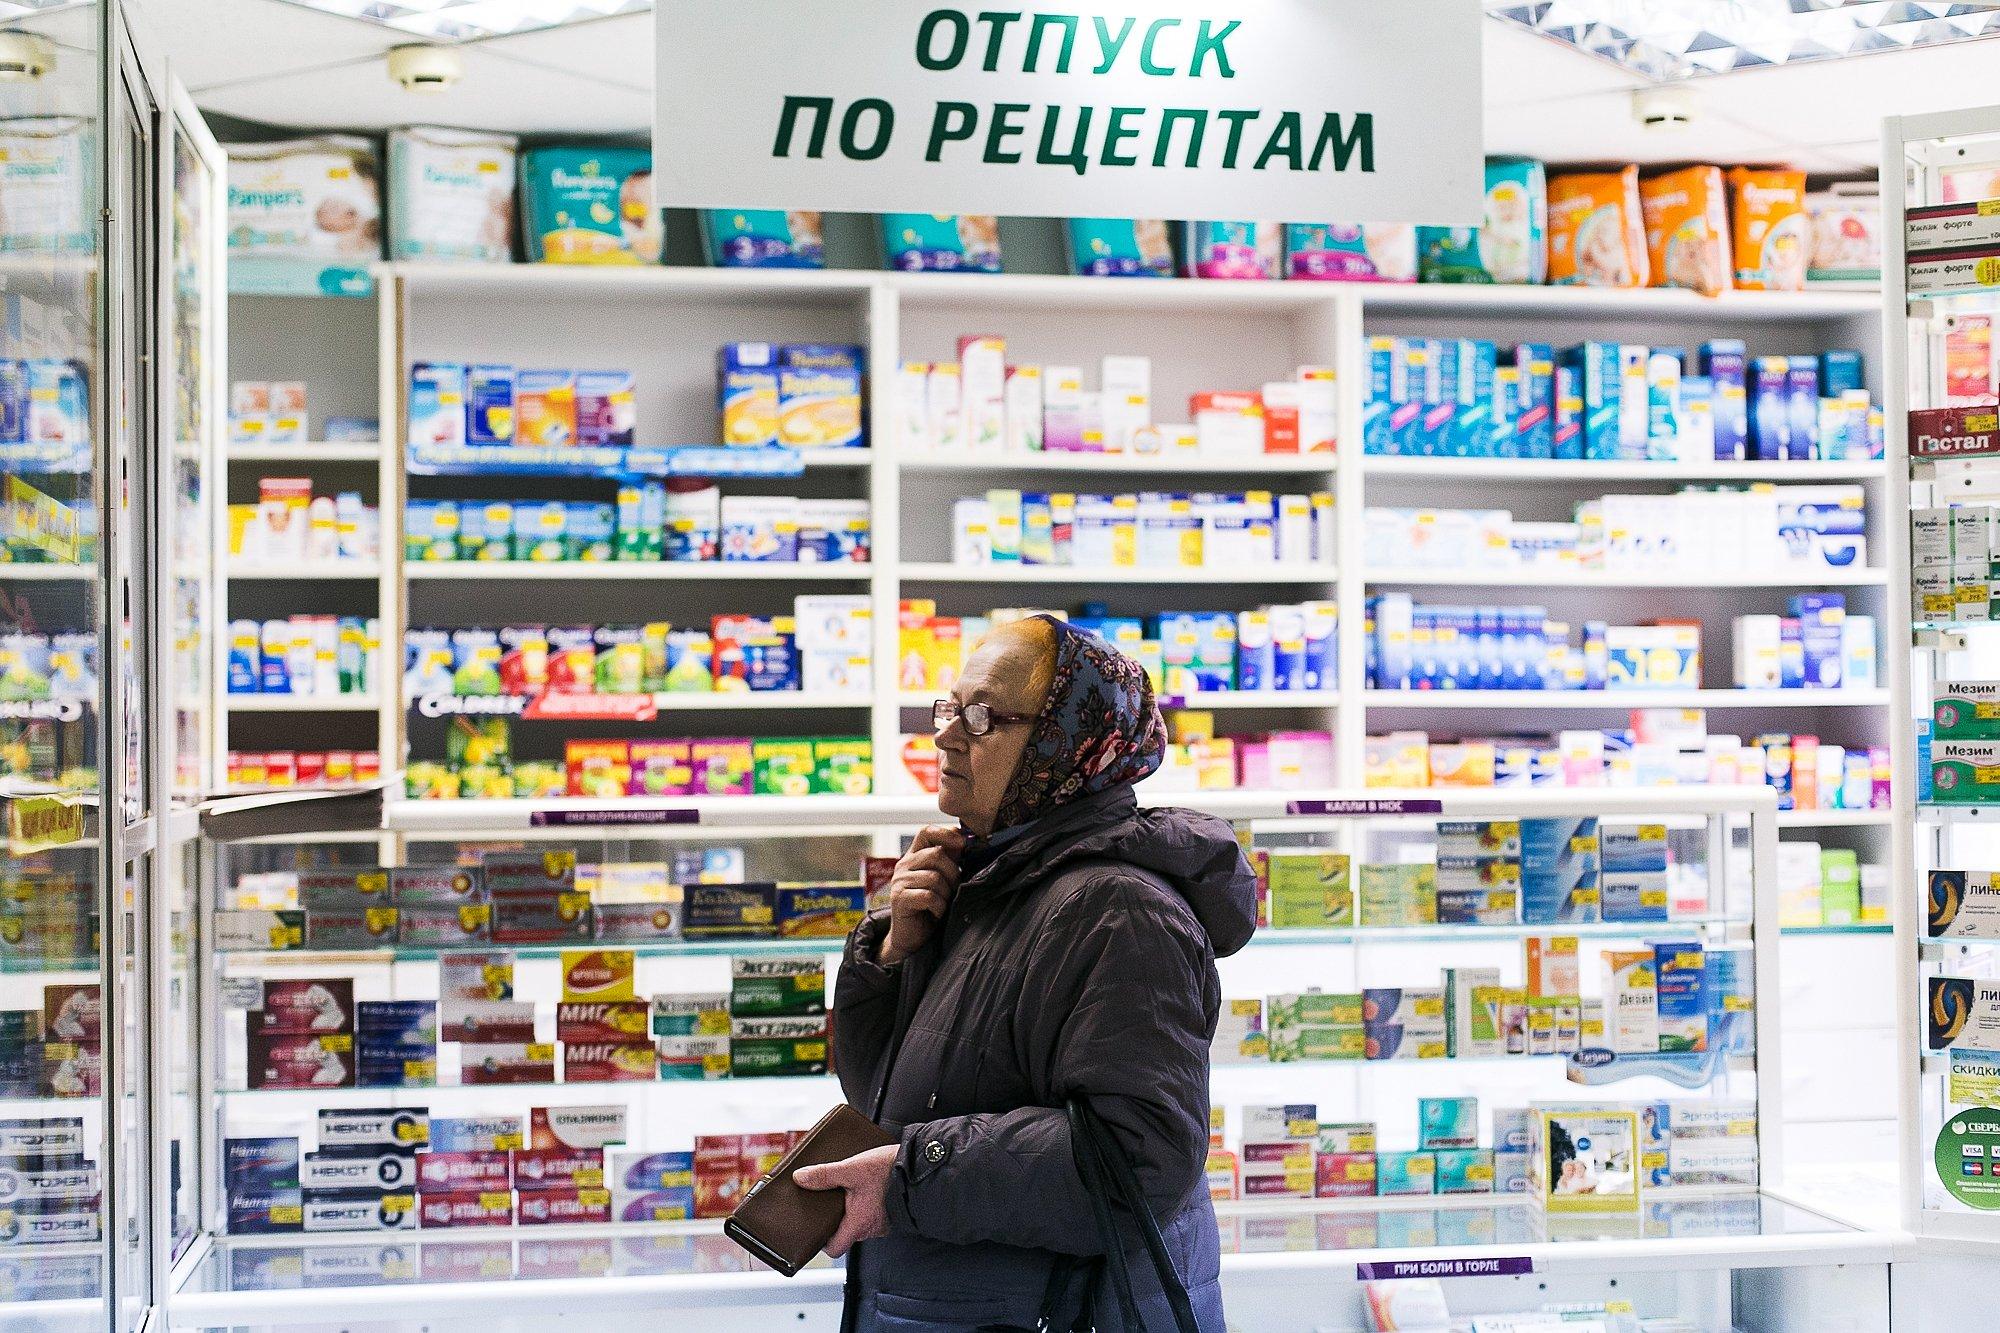 Юрист напомнил о возможности вернуть деньги за лекарства: как это сделать